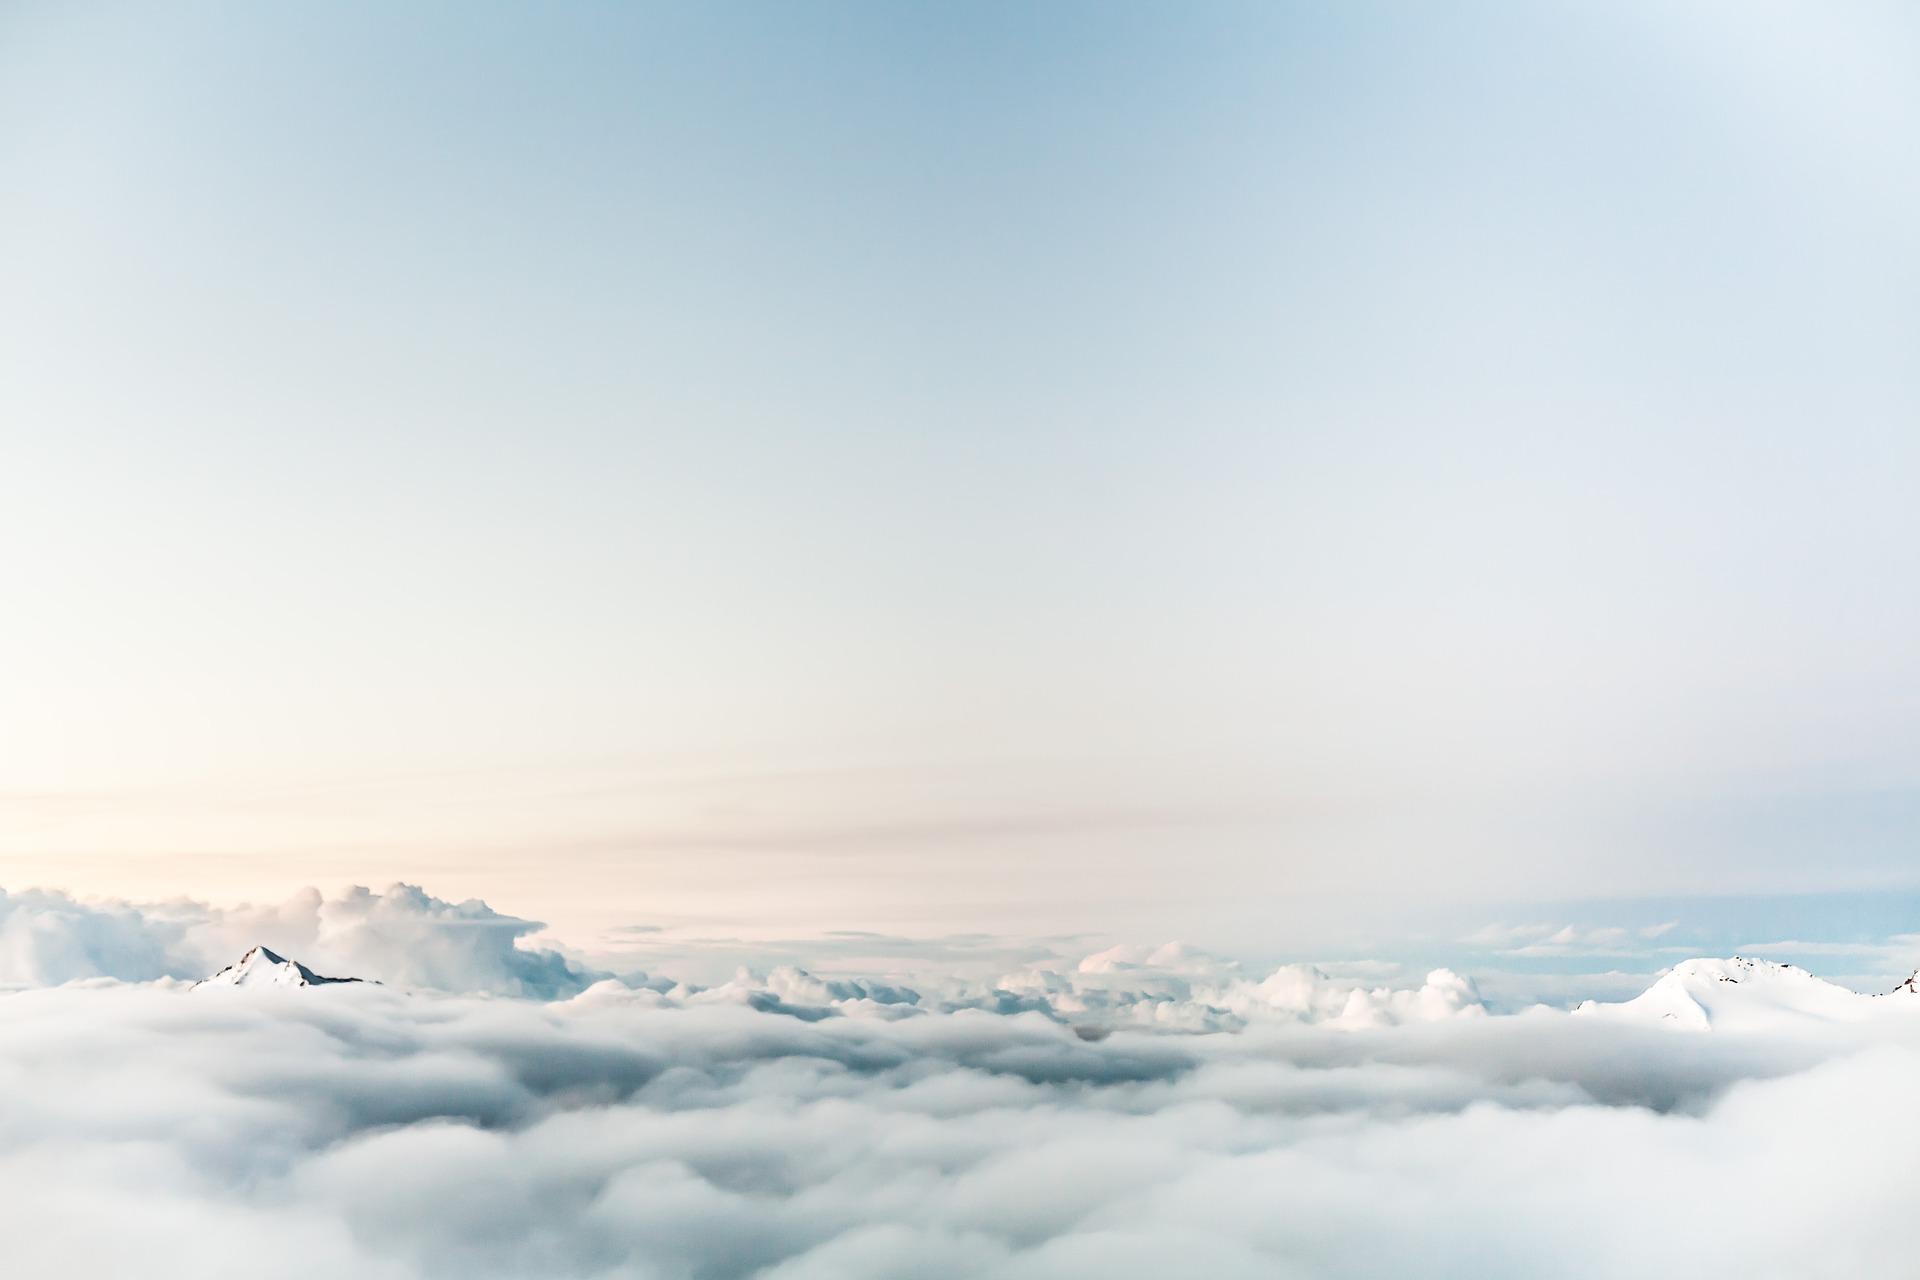 clouds-731260_1920